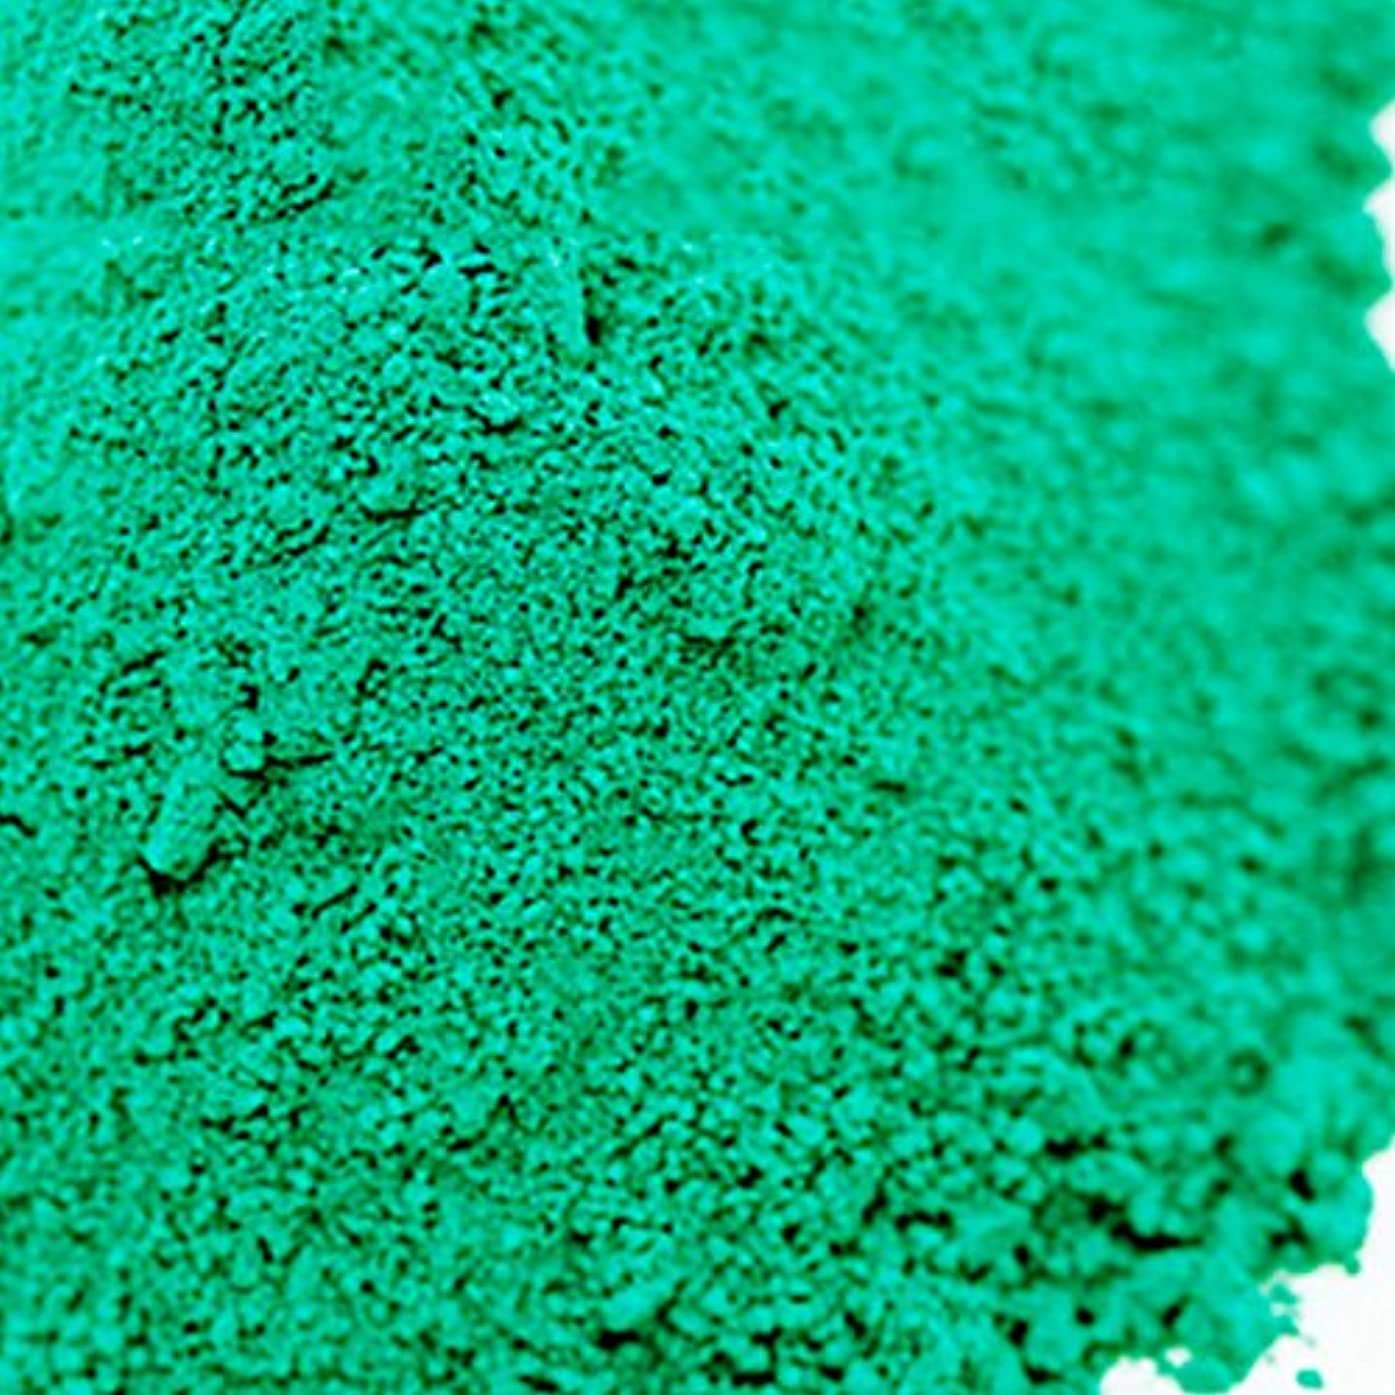 昇進モンクかみそり水酸化クロム グリーン 5g 【手作り石鹸/手作りコスメ/色付け/カラーラント/緑】